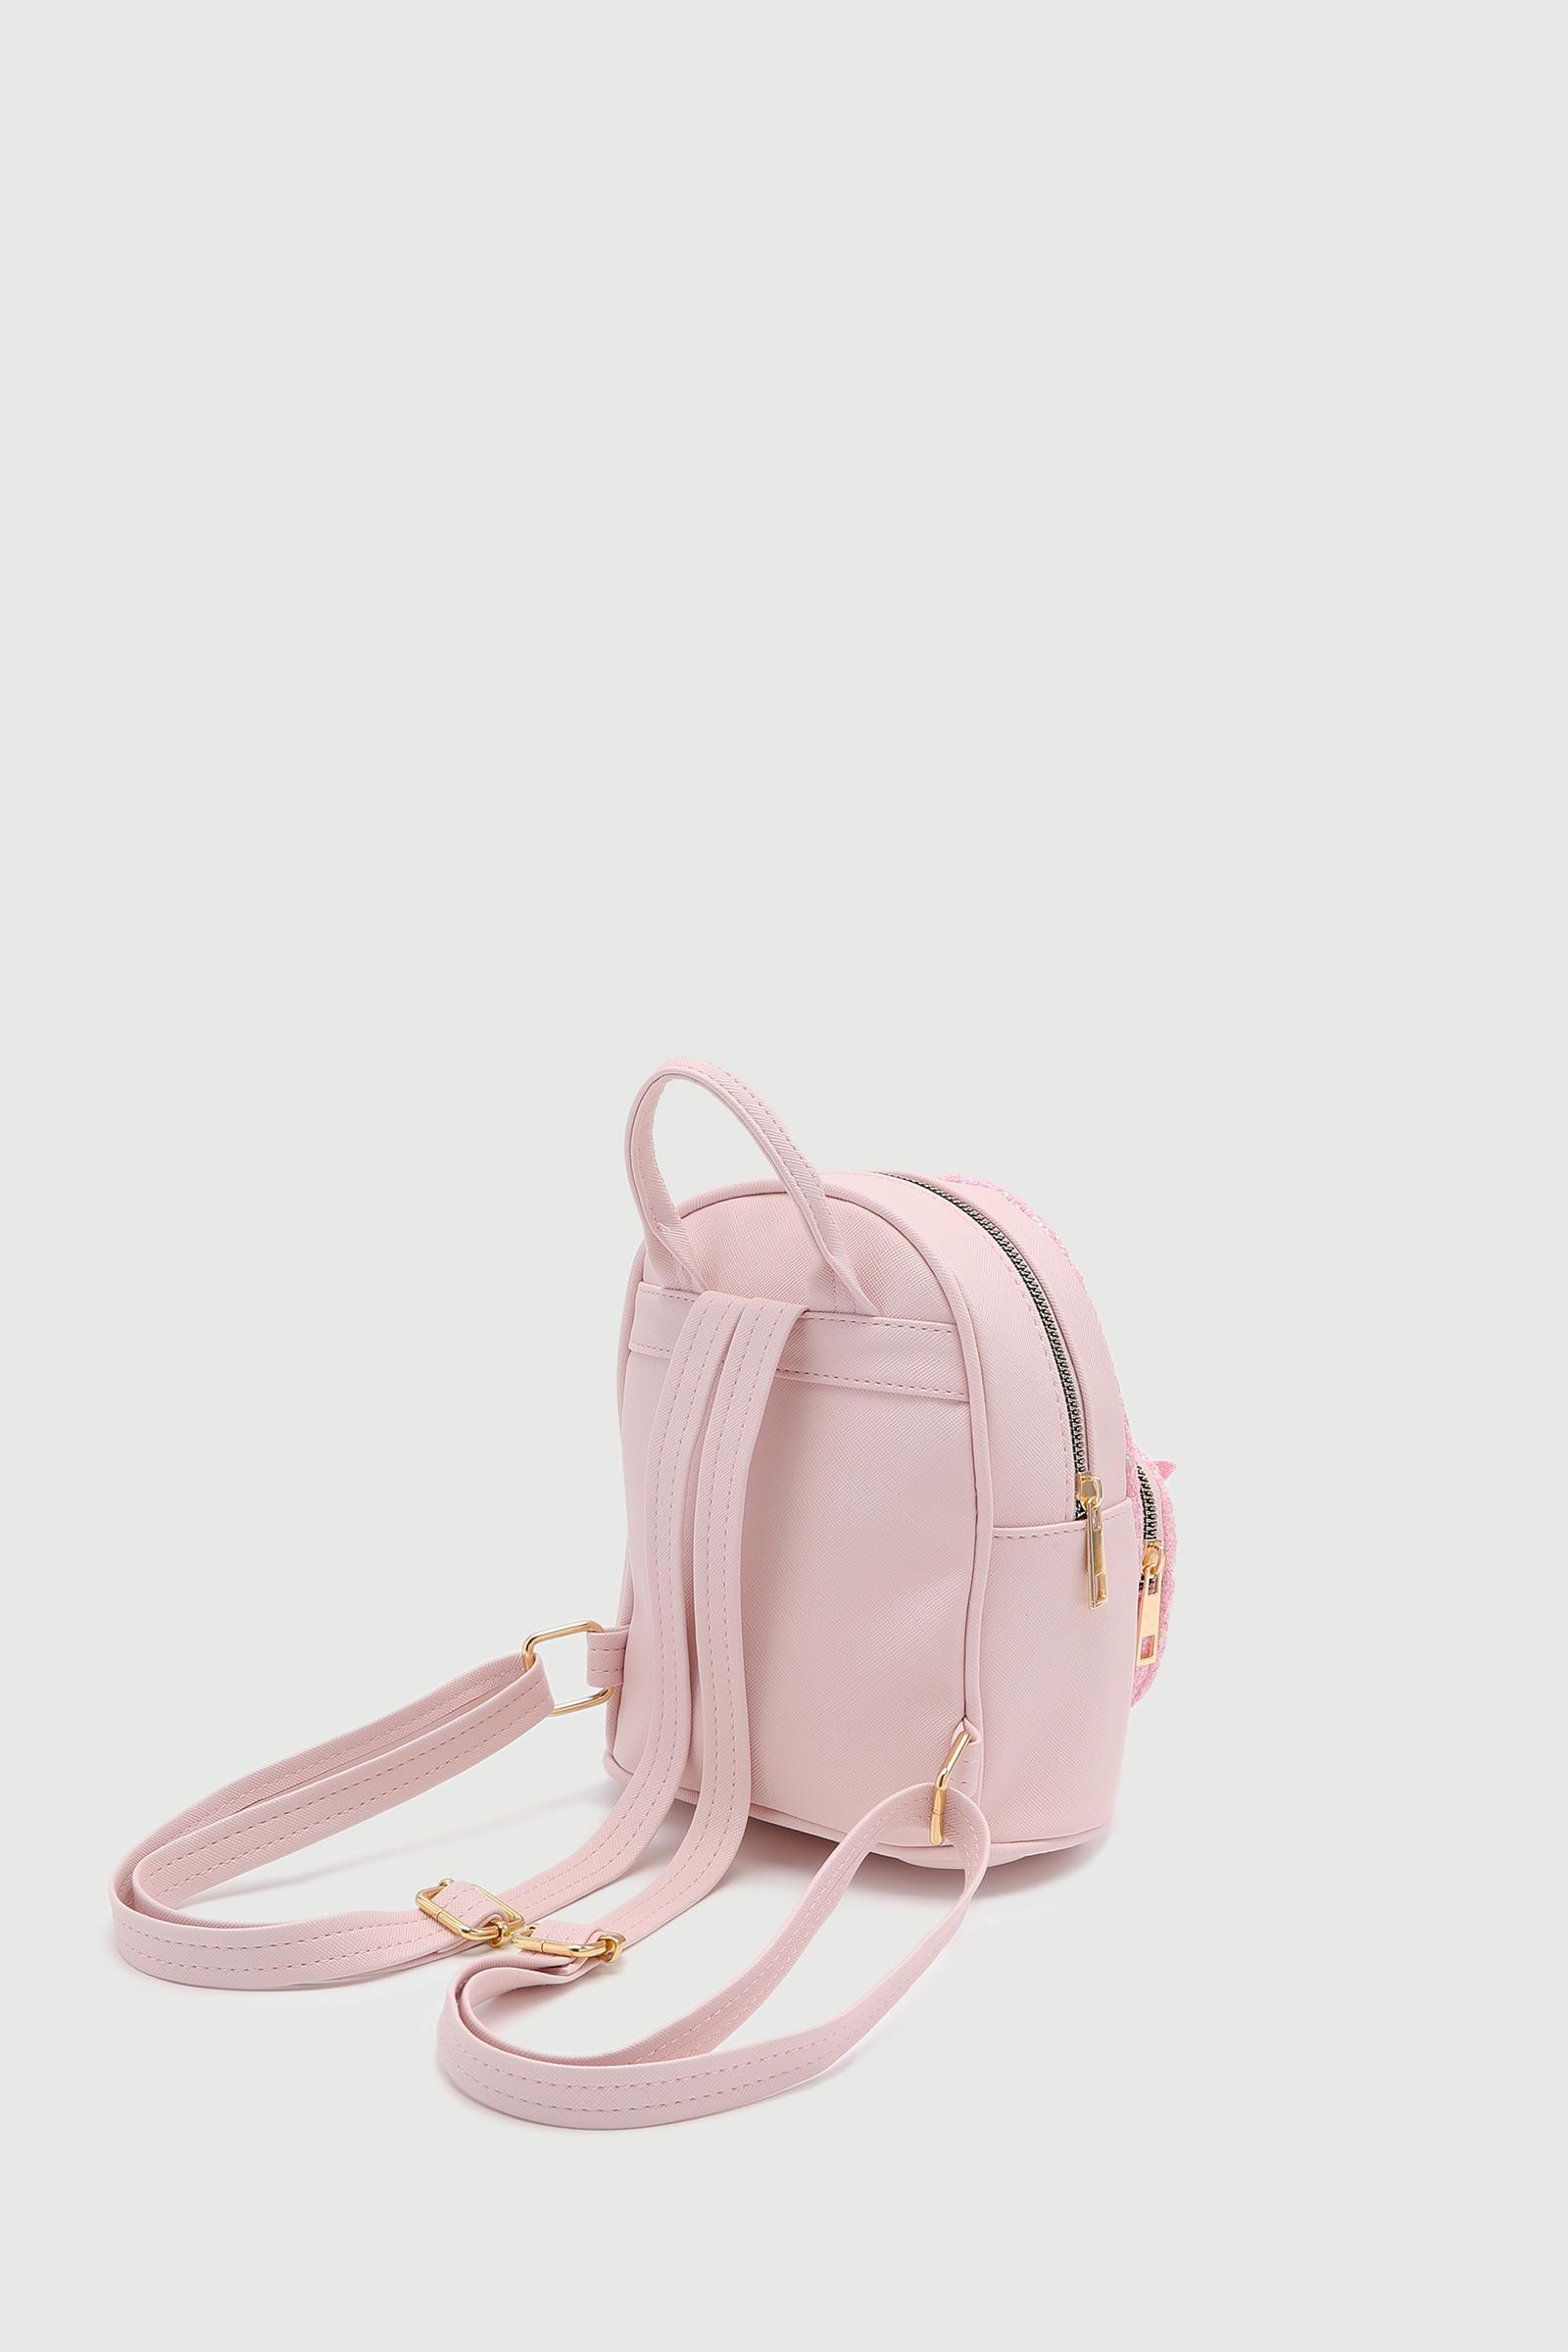 Glitter Sloth Backpack for Girls